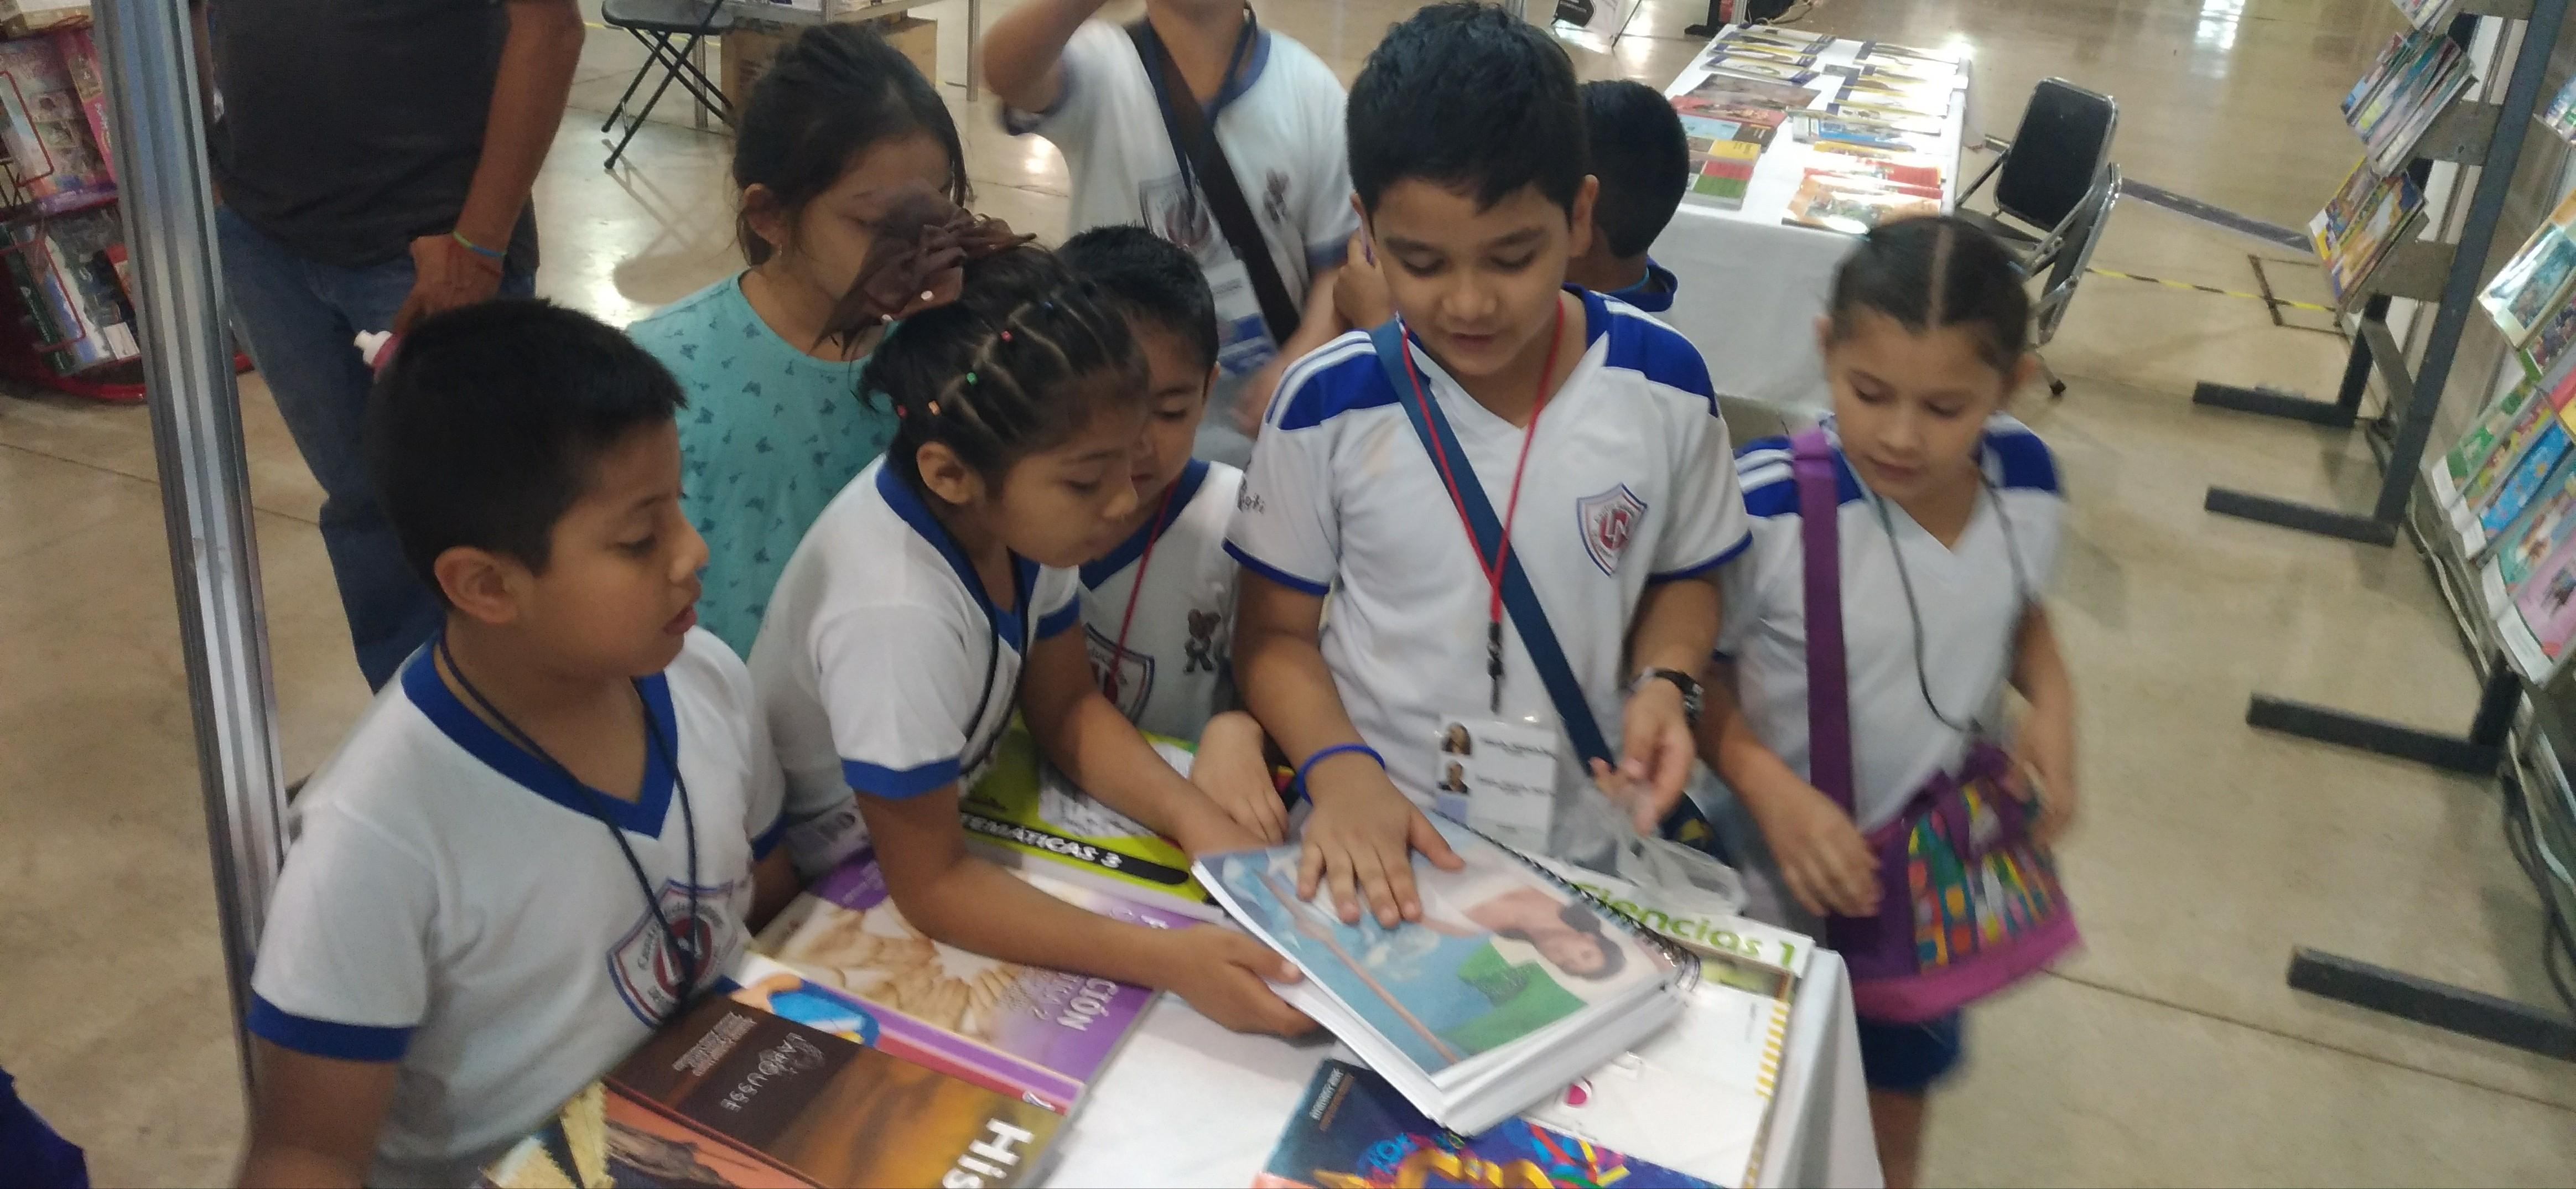 La Conaliteg se suma a los espacios culturales en las ferias de libros